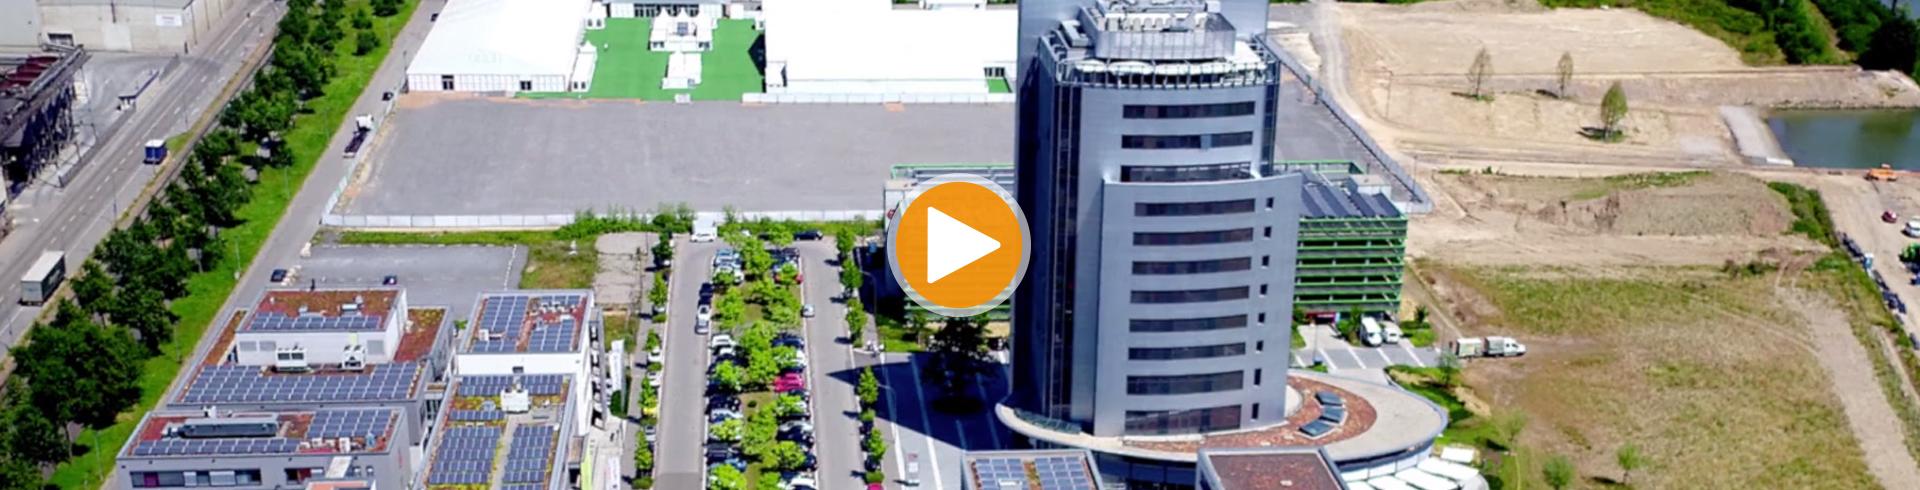 Zukunftspark Platzhalter Film